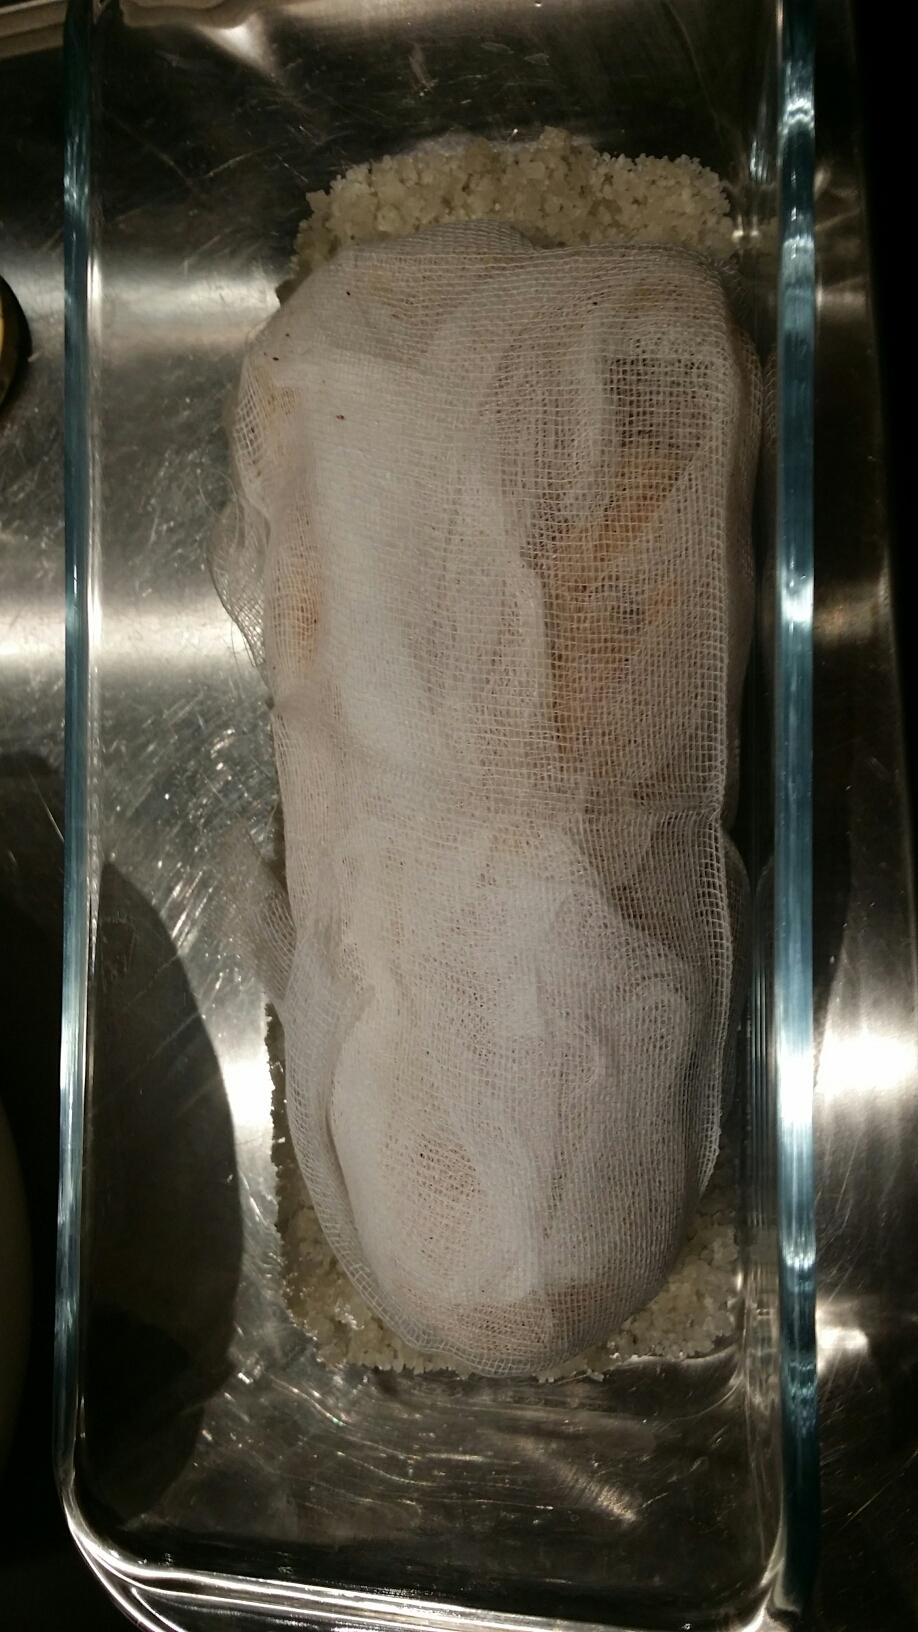 Après déveinage et assaisonnement, le foie gras est enveloppé de gaze stérile.